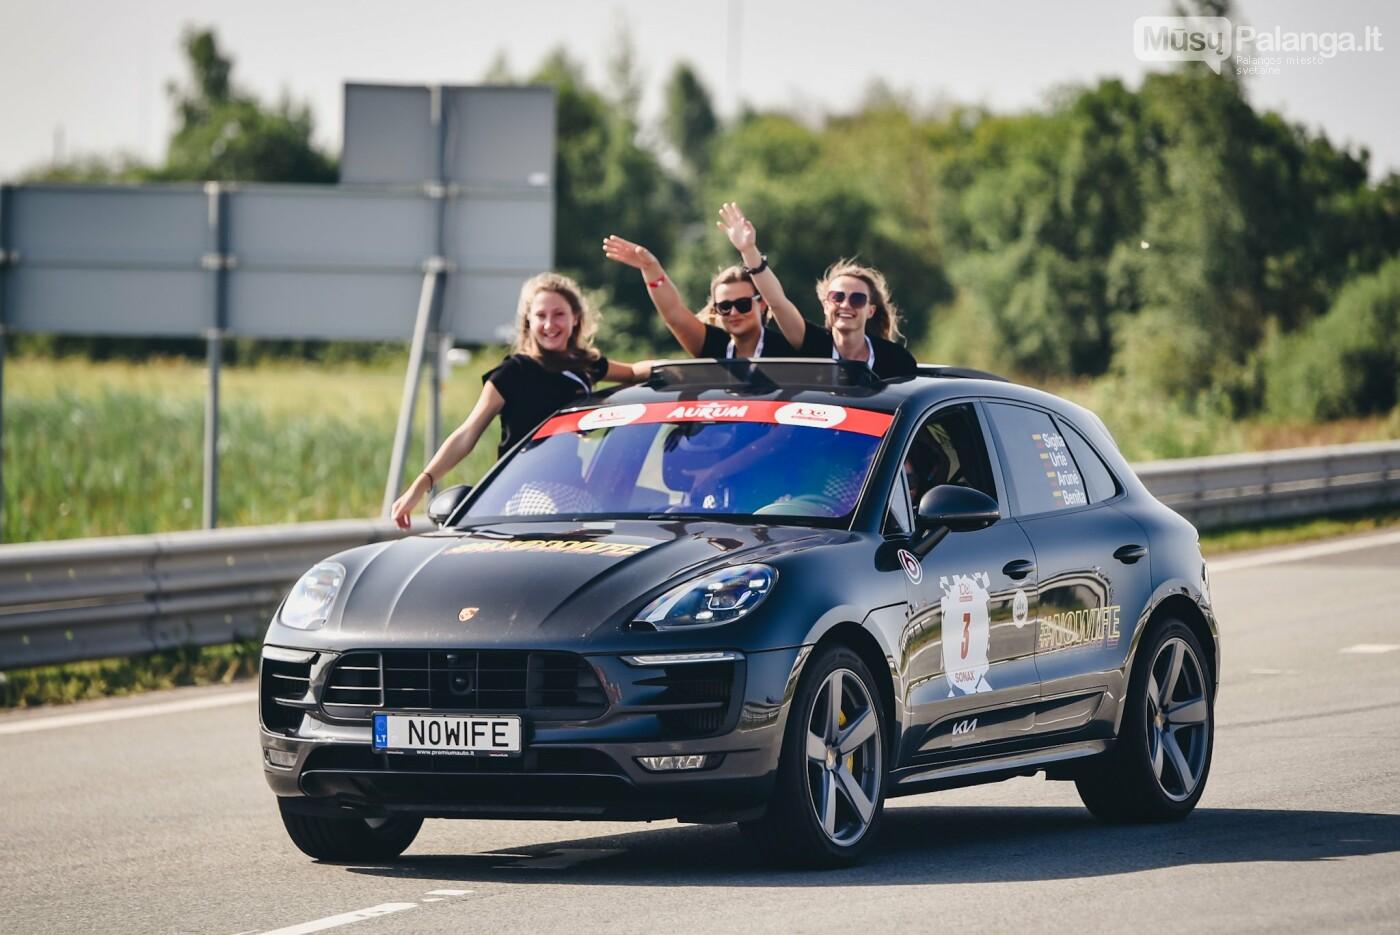 Žiūrovus žavėjo kilometrinė moterų iššūkio dalyvių kolona, nuotrauka-1, Vytauto PILKAUSKO ir Arno STRUMILOS nuotraukos